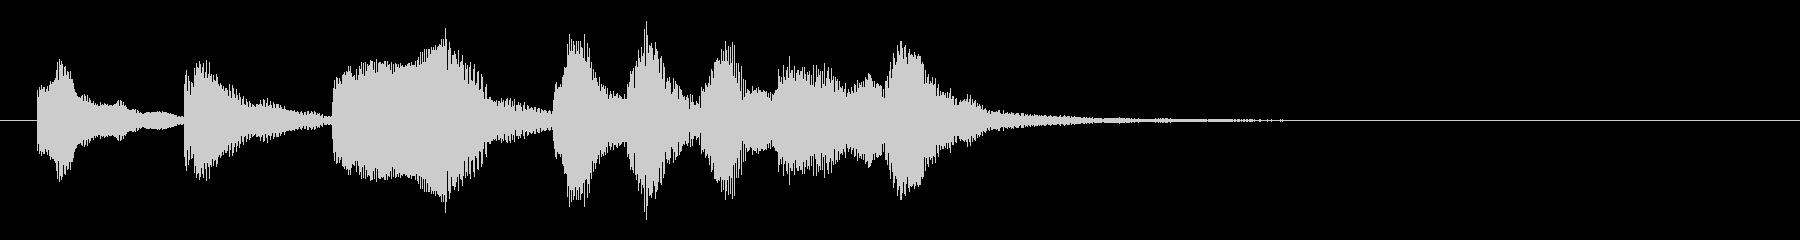 のほほんジングル027_勇ましいの未再生の波形